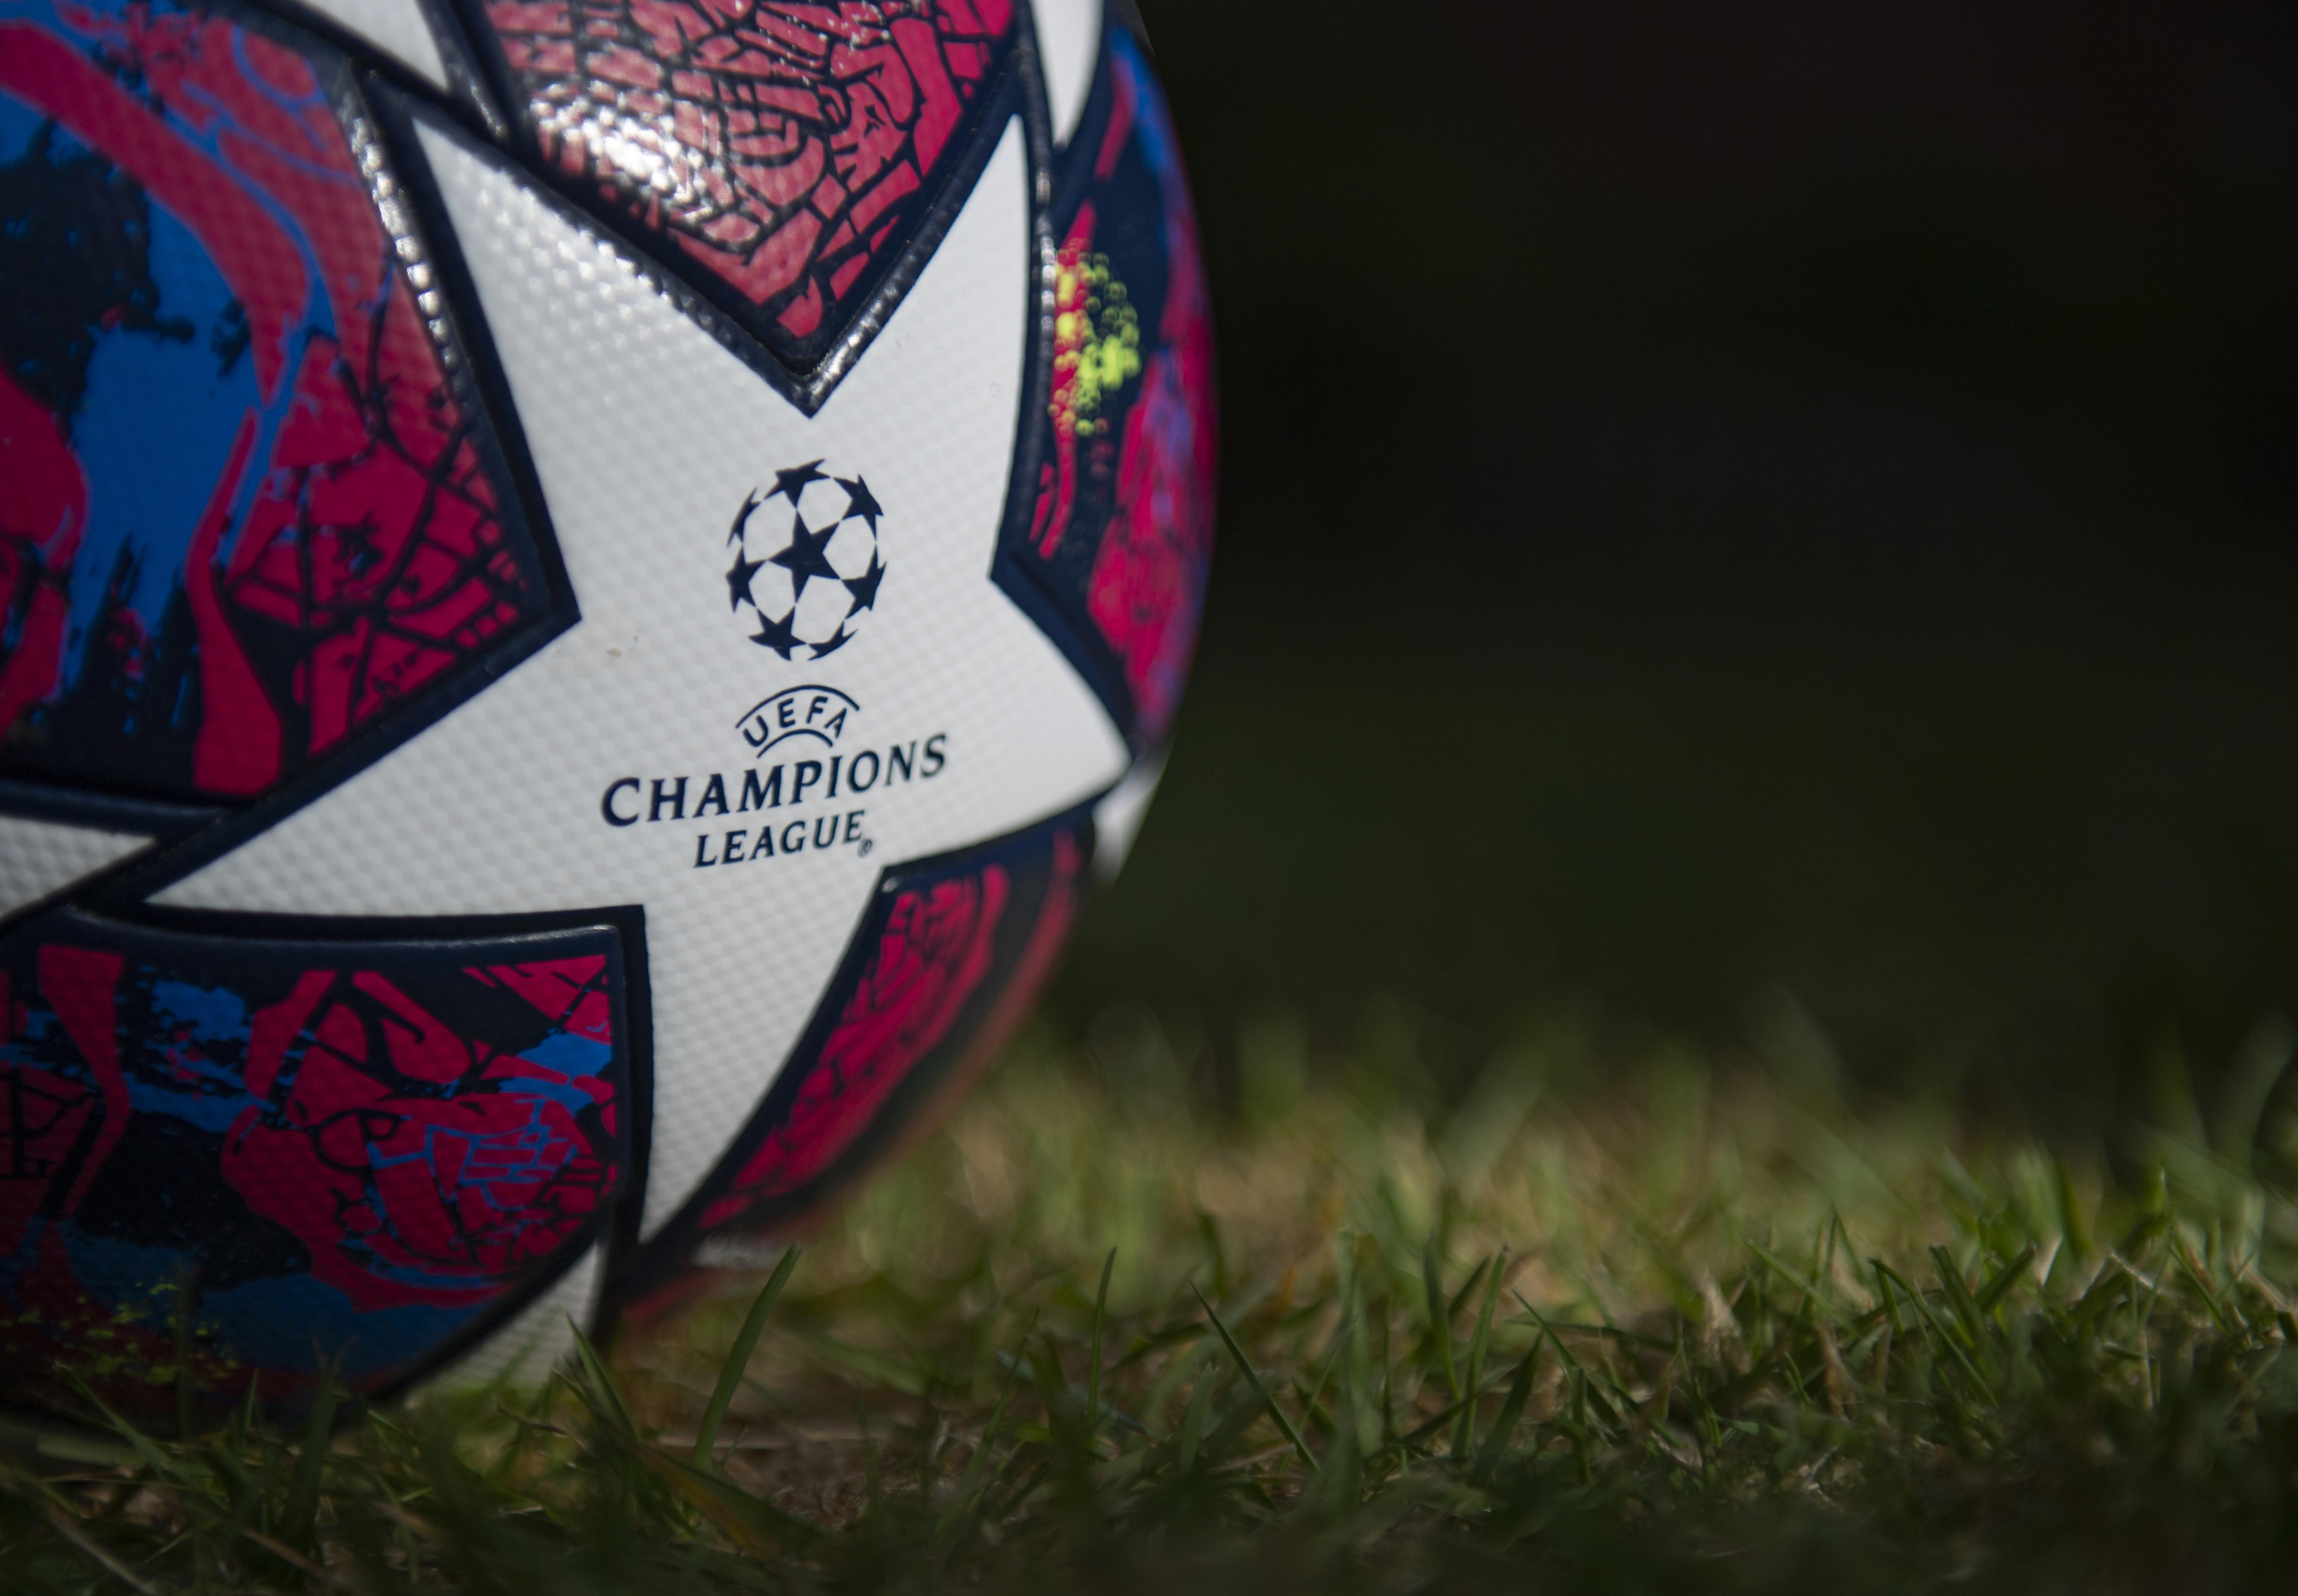 2020年5月5日,在英国曼彻斯特,Starball是阿迪达斯官方的欧冠比赛用球。